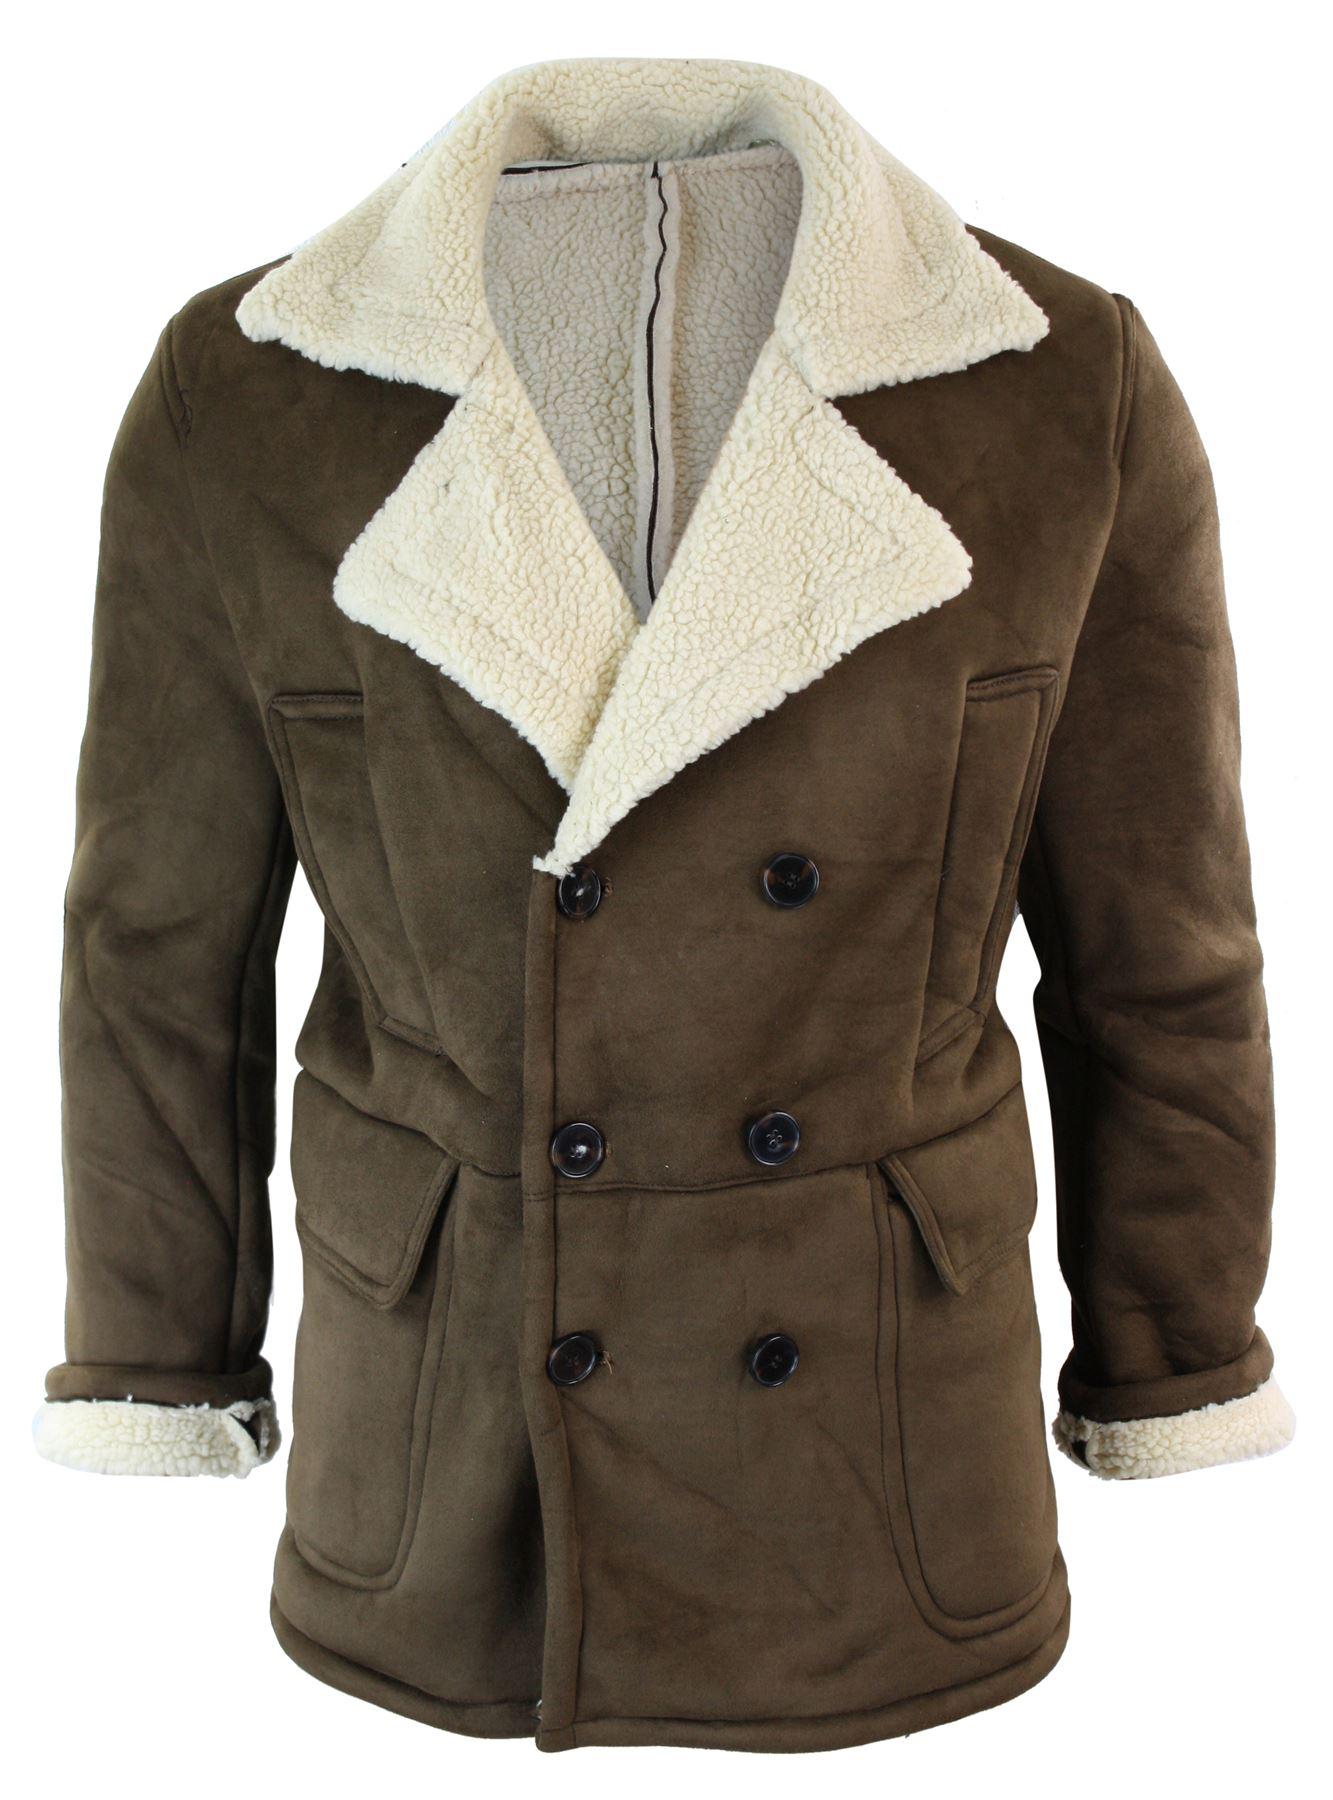 manteau chaud 3 4 fourrure fausse peau de mouton int rieur. Black Bedroom Furniture Sets. Home Design Ideas